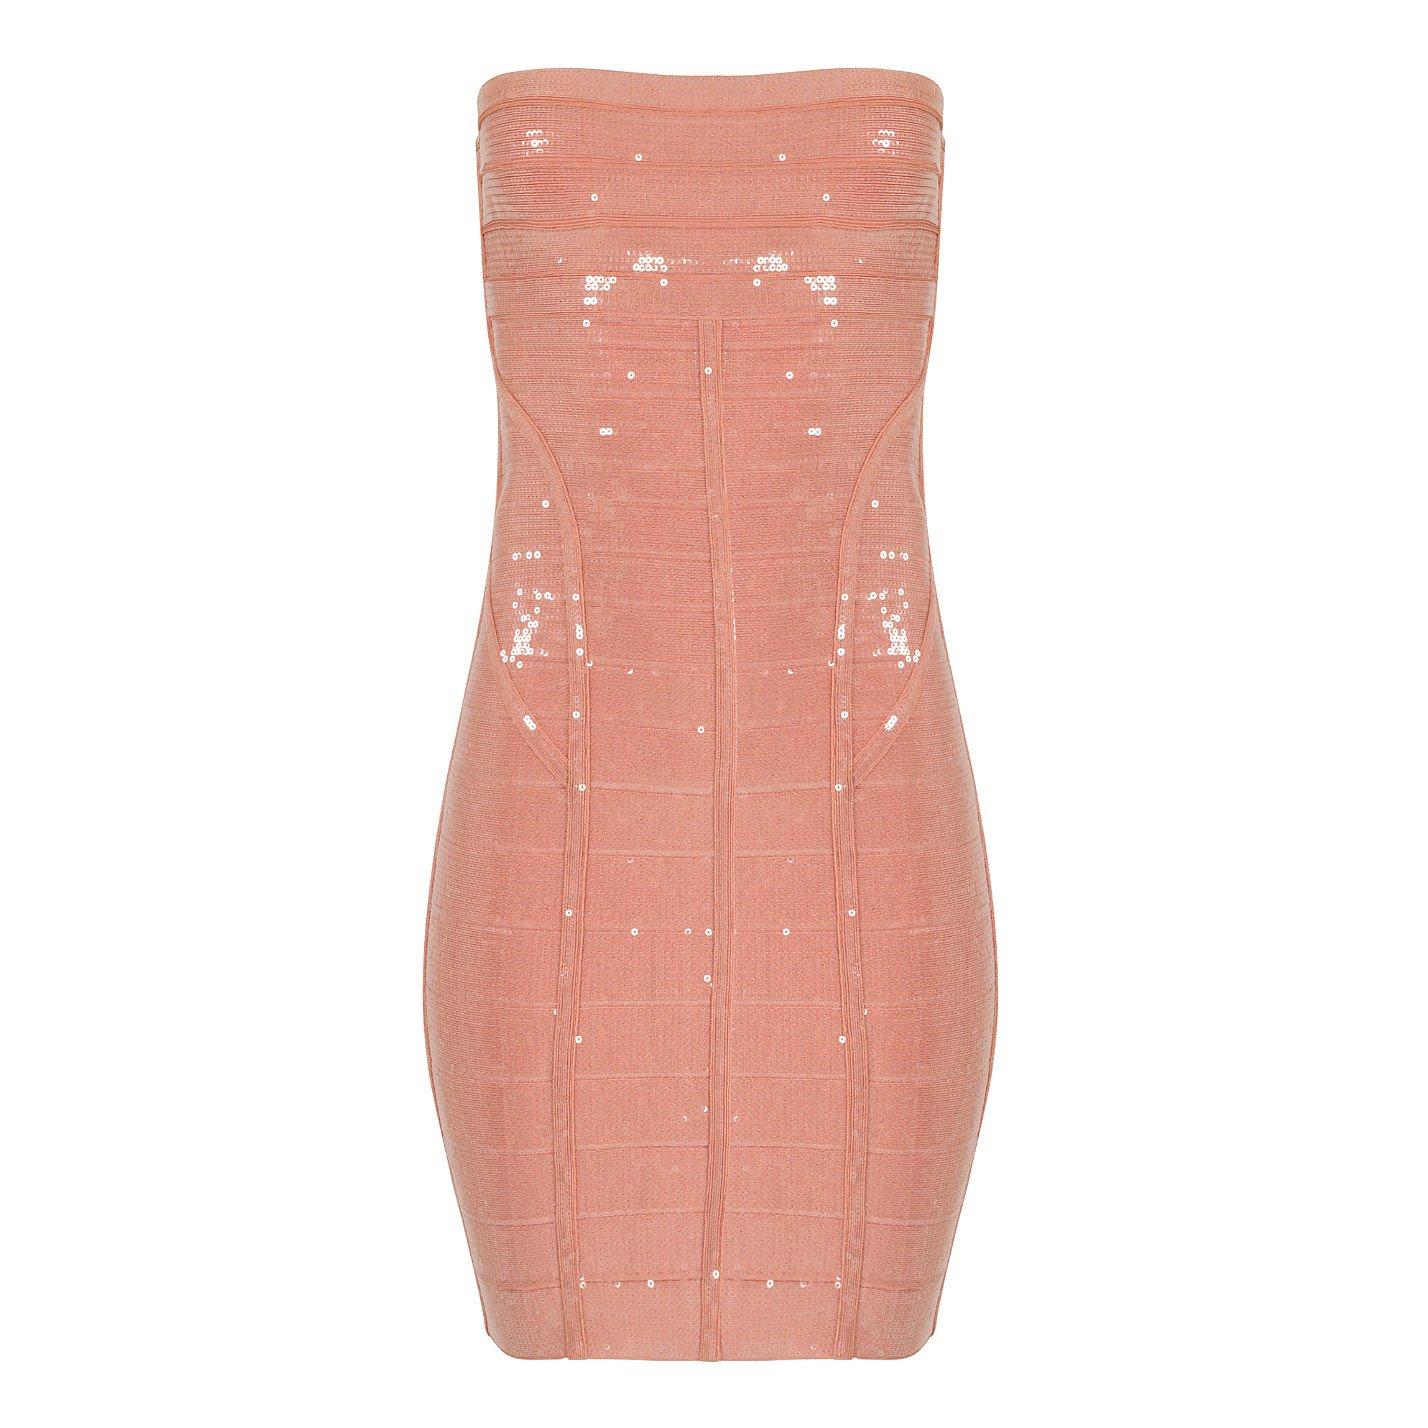 Herve Leger Frances Sequin Strapless Bandage Dress